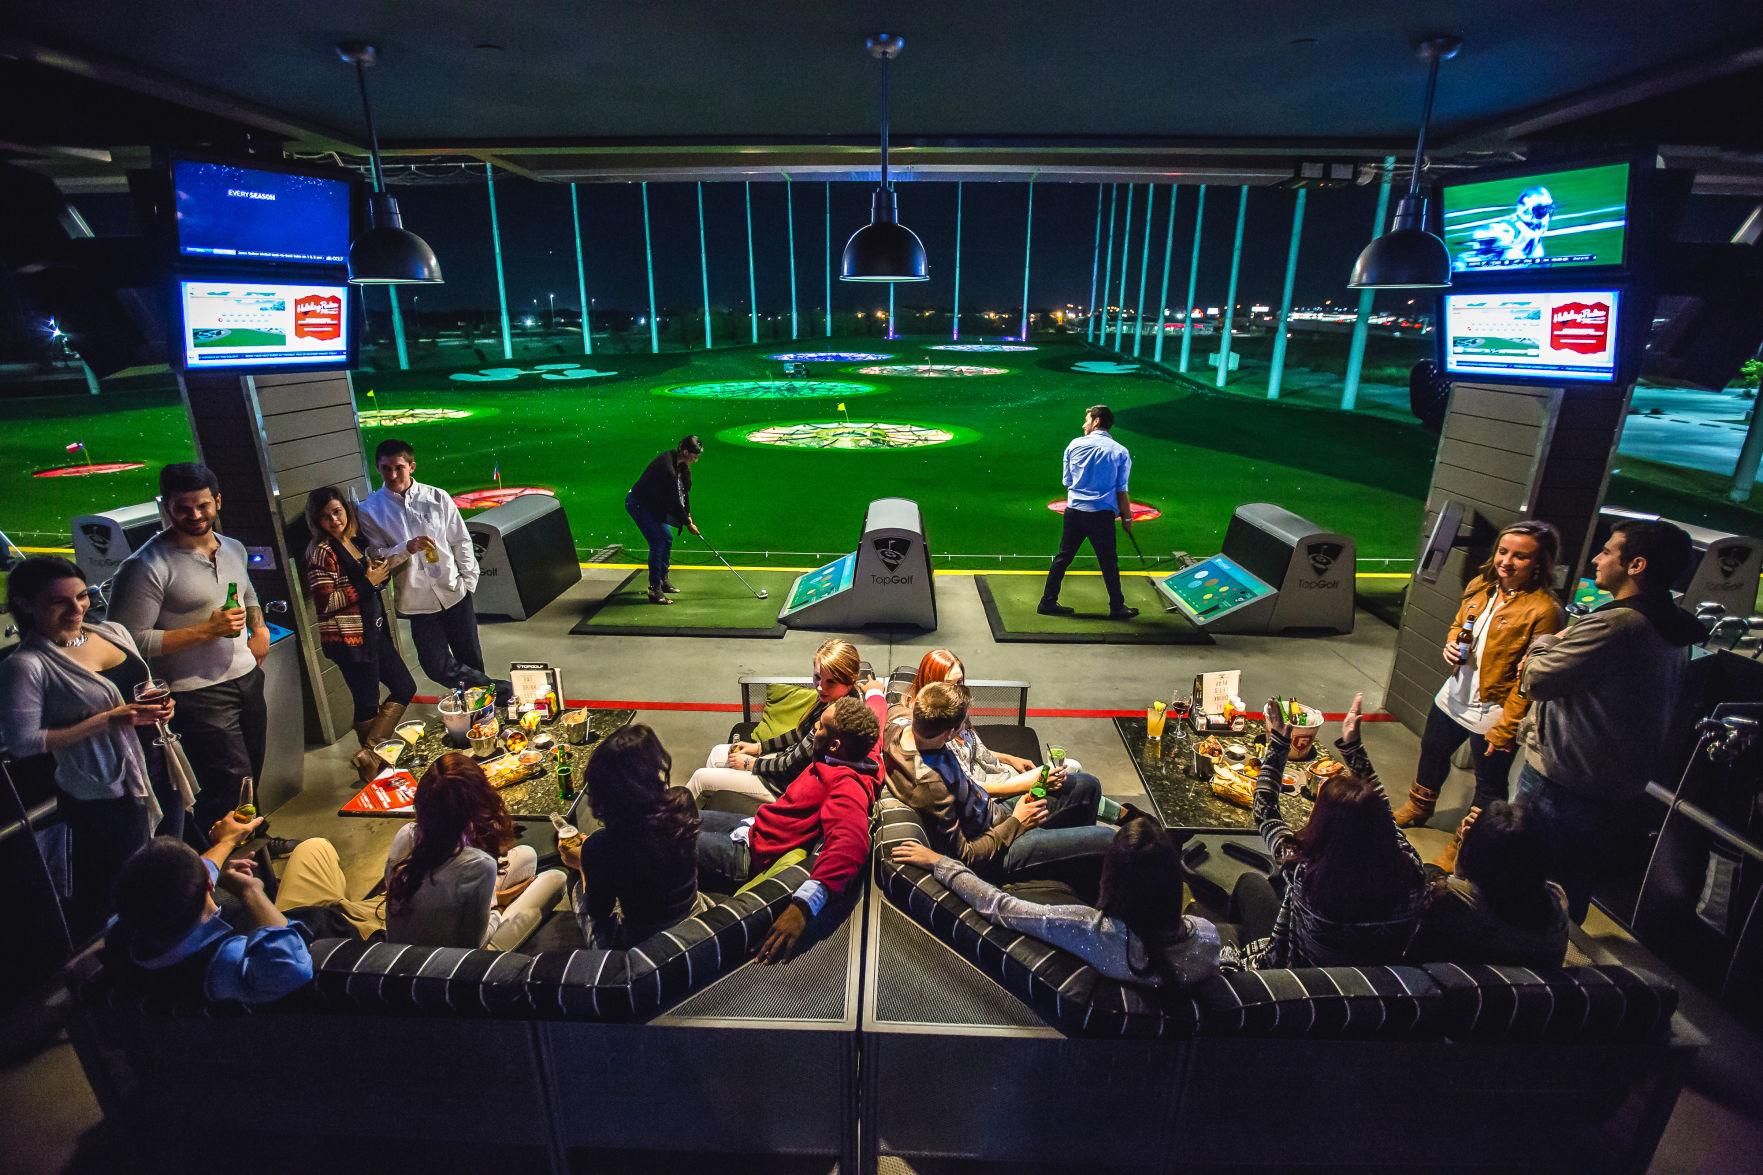 indoor golf omaha